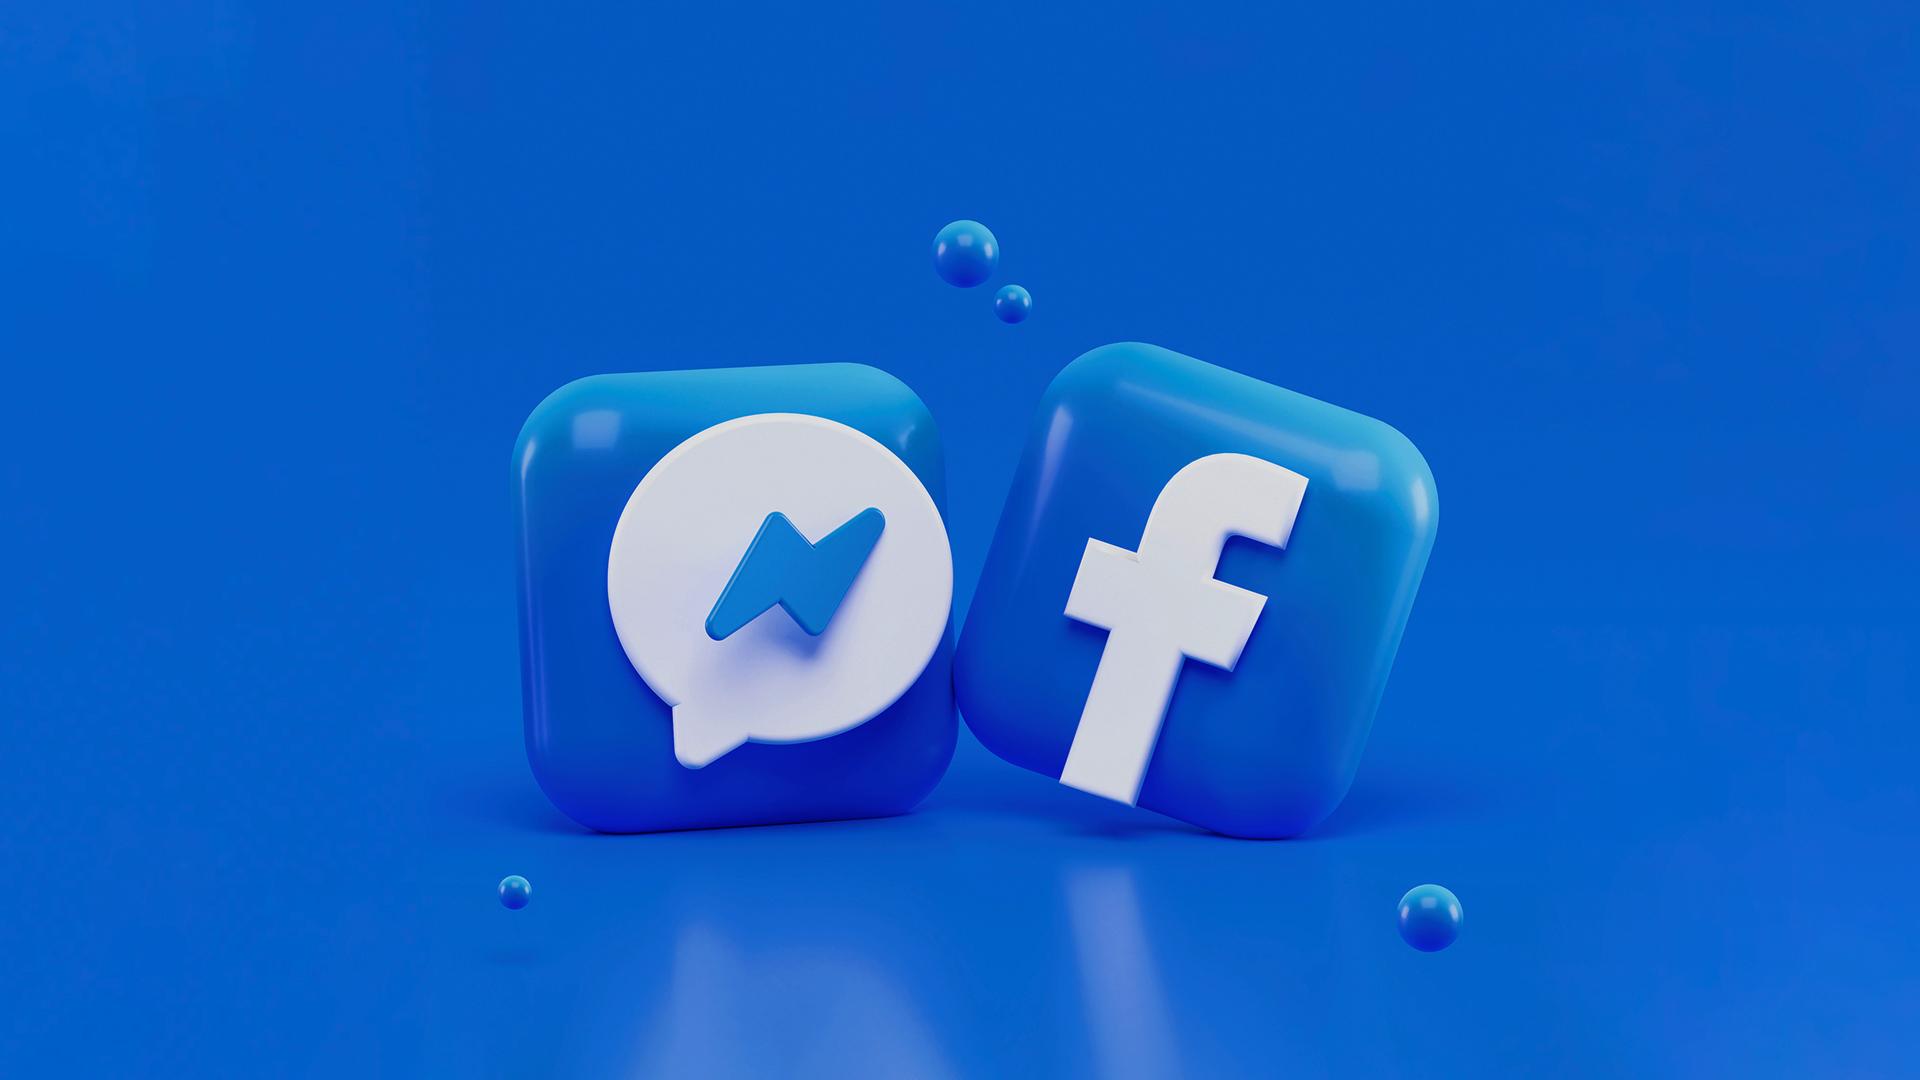 Facebook e LinkedIn lanciano le stanze audio: le opportunità per i brand e le criticità